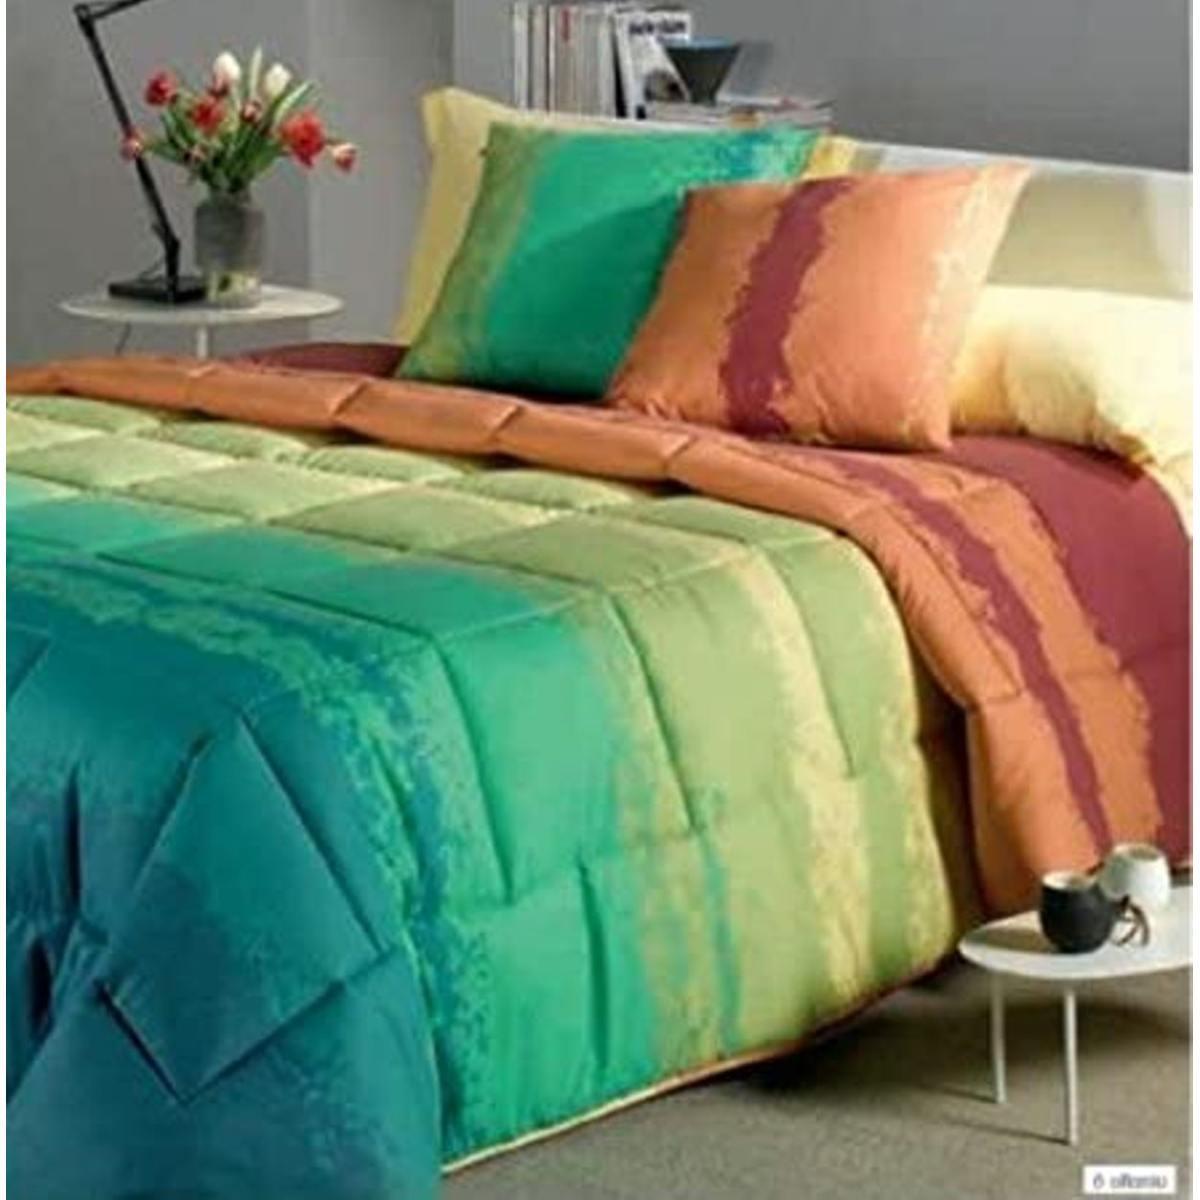 Prima di acquistare una trapunta dobbiamo cercare di capire quanto è grande il nostro letto. La Trapunta Matrimoniale Caleffi